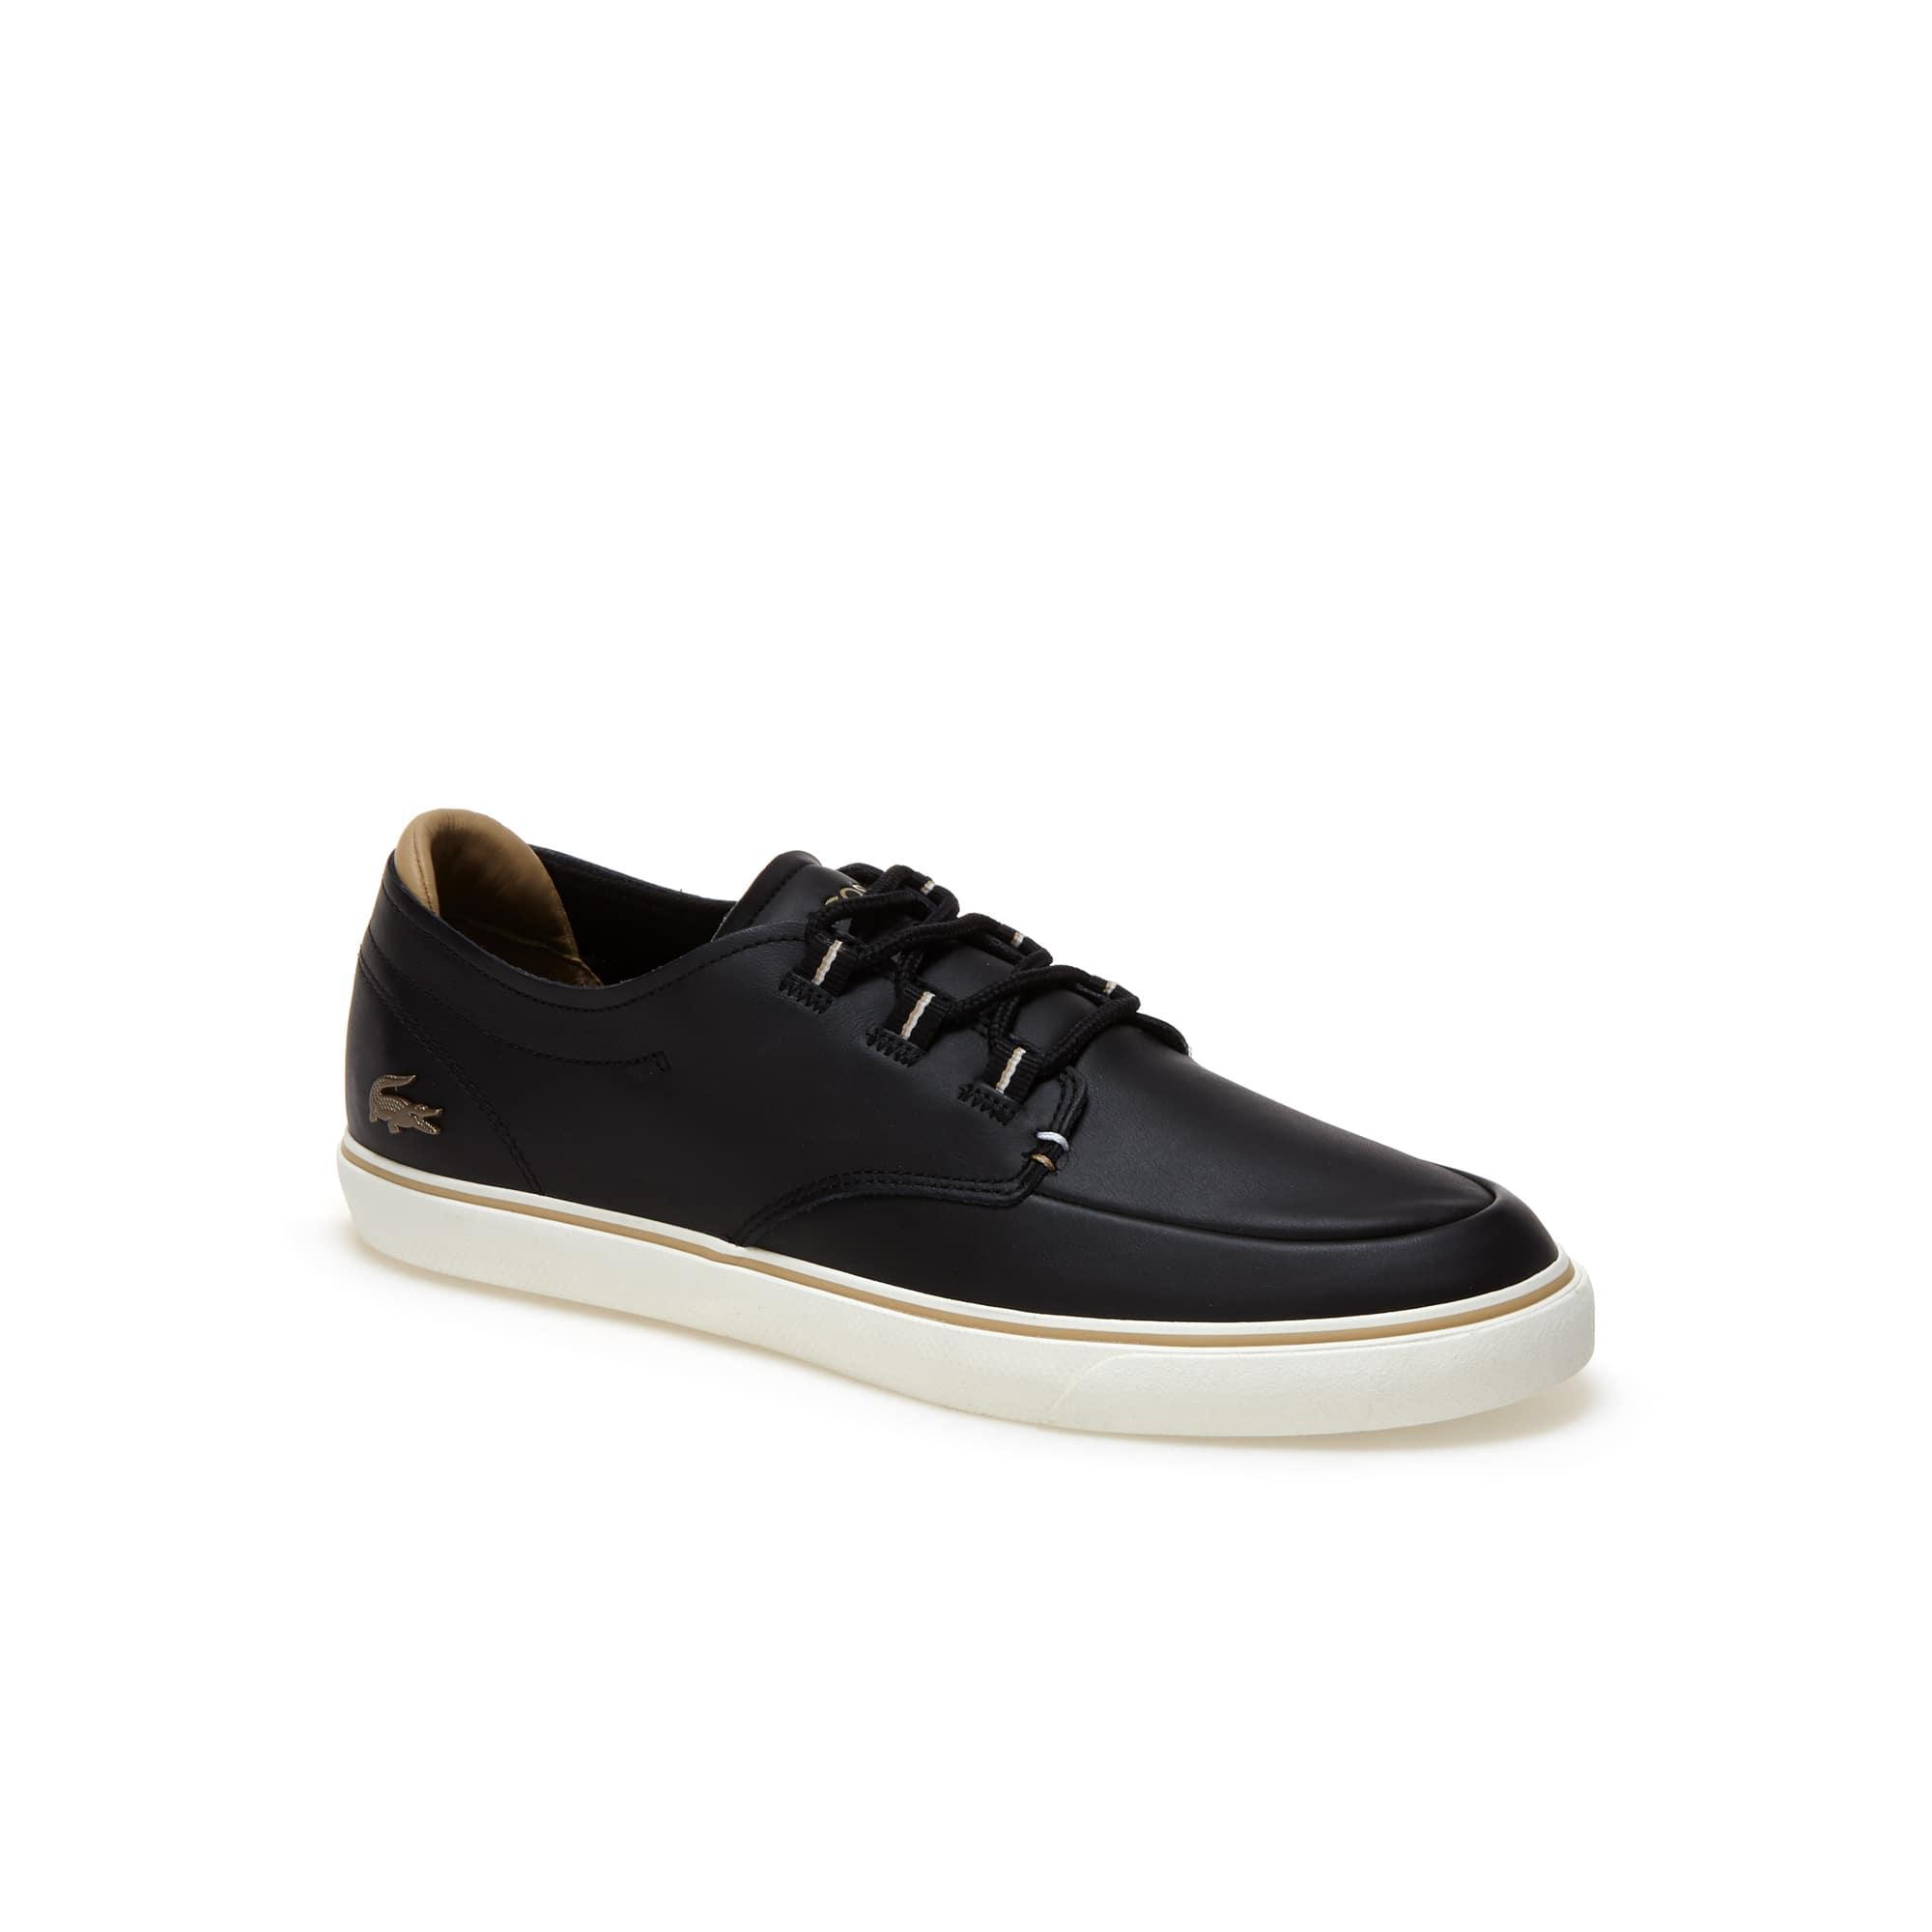 Lacoste ESPARRE DECK - Zapatillas black/light brown 50MEVB